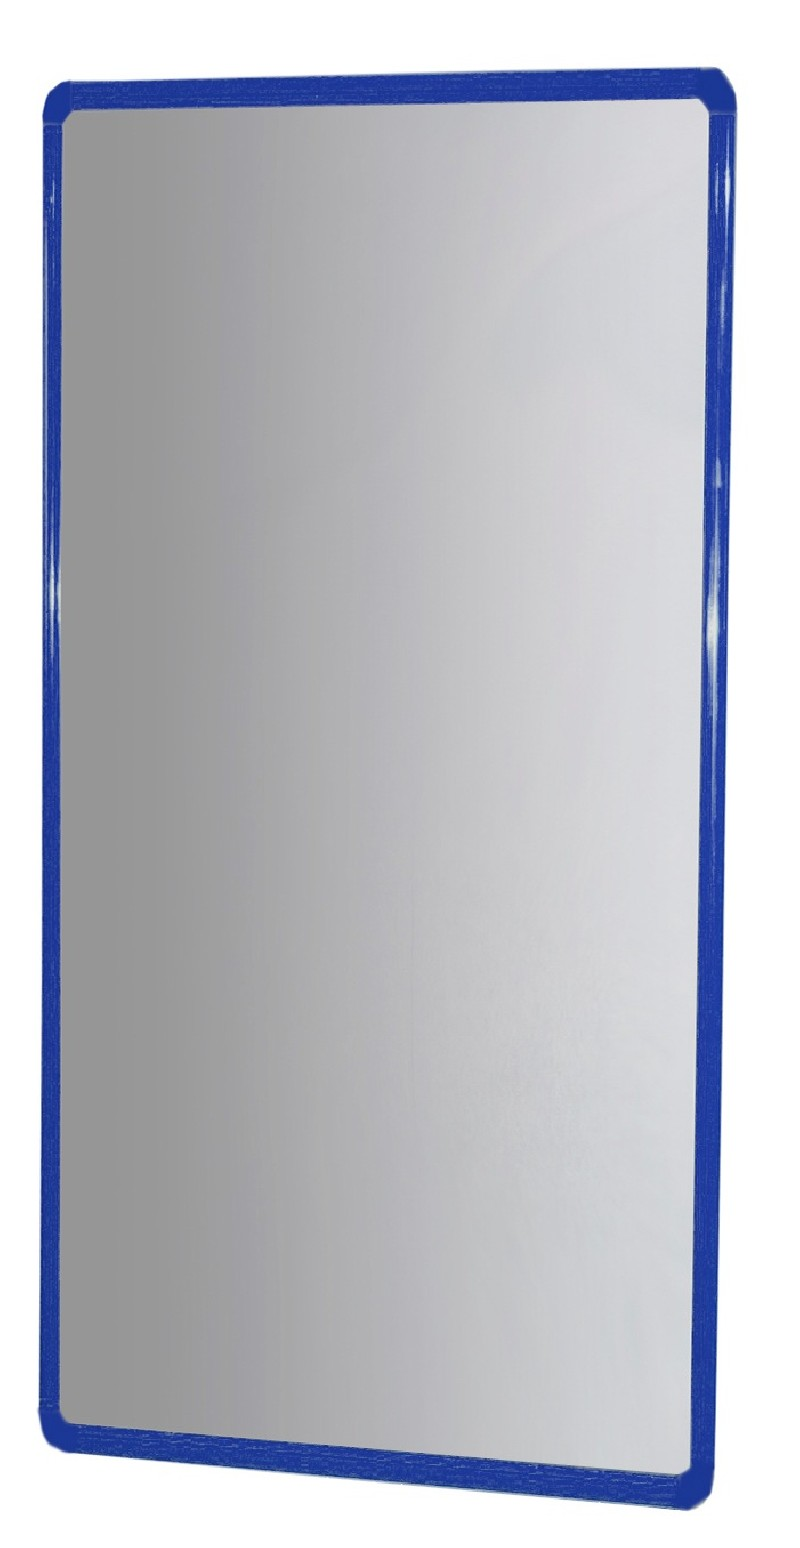 Espejo con marco de aluminio (120x50cm) - Snap-Edulink, S.L